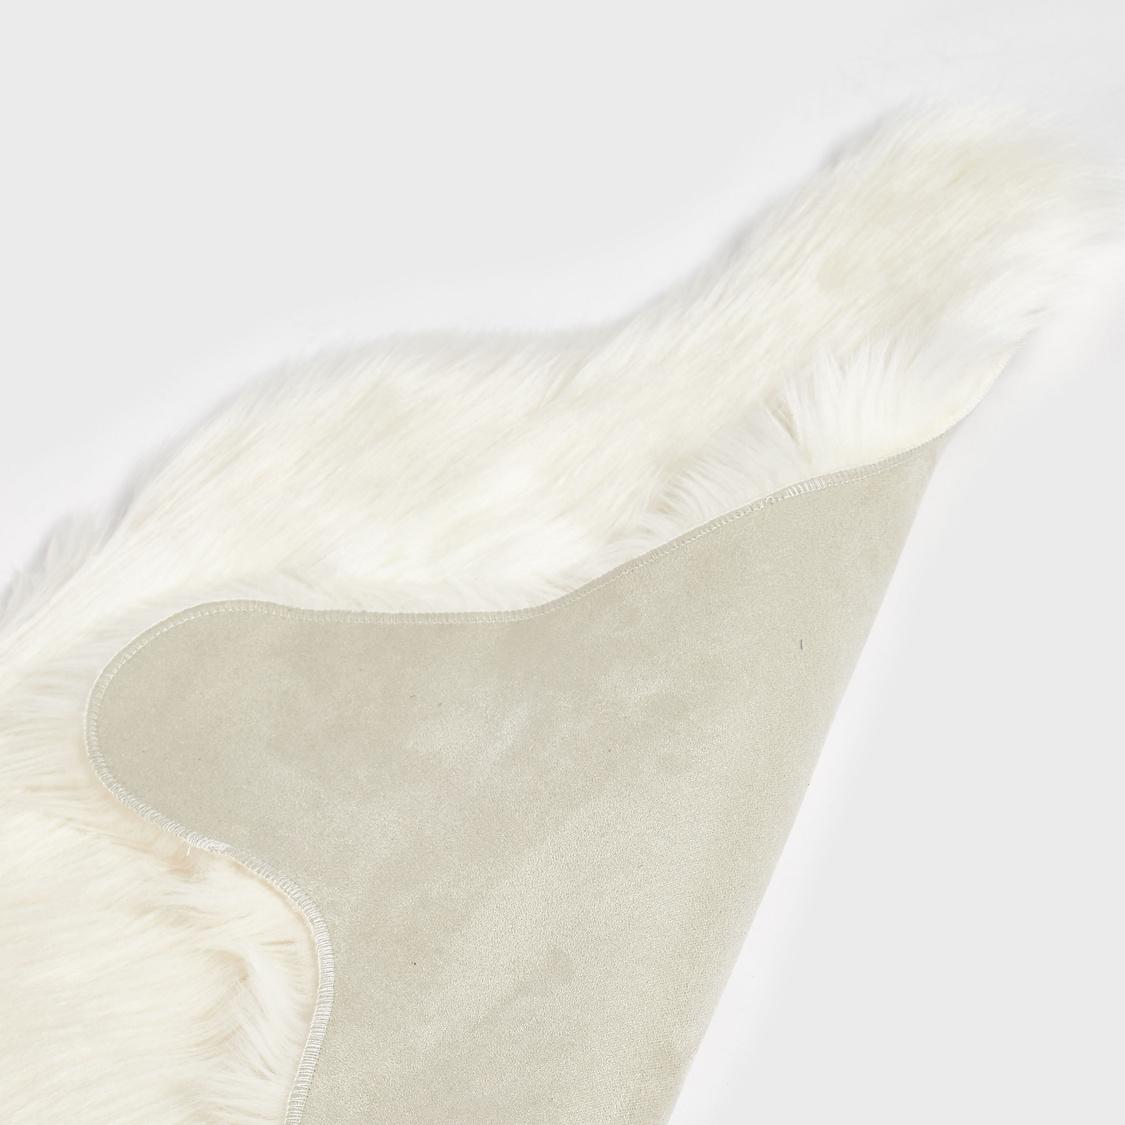 Textured Rug - 90x60 cms